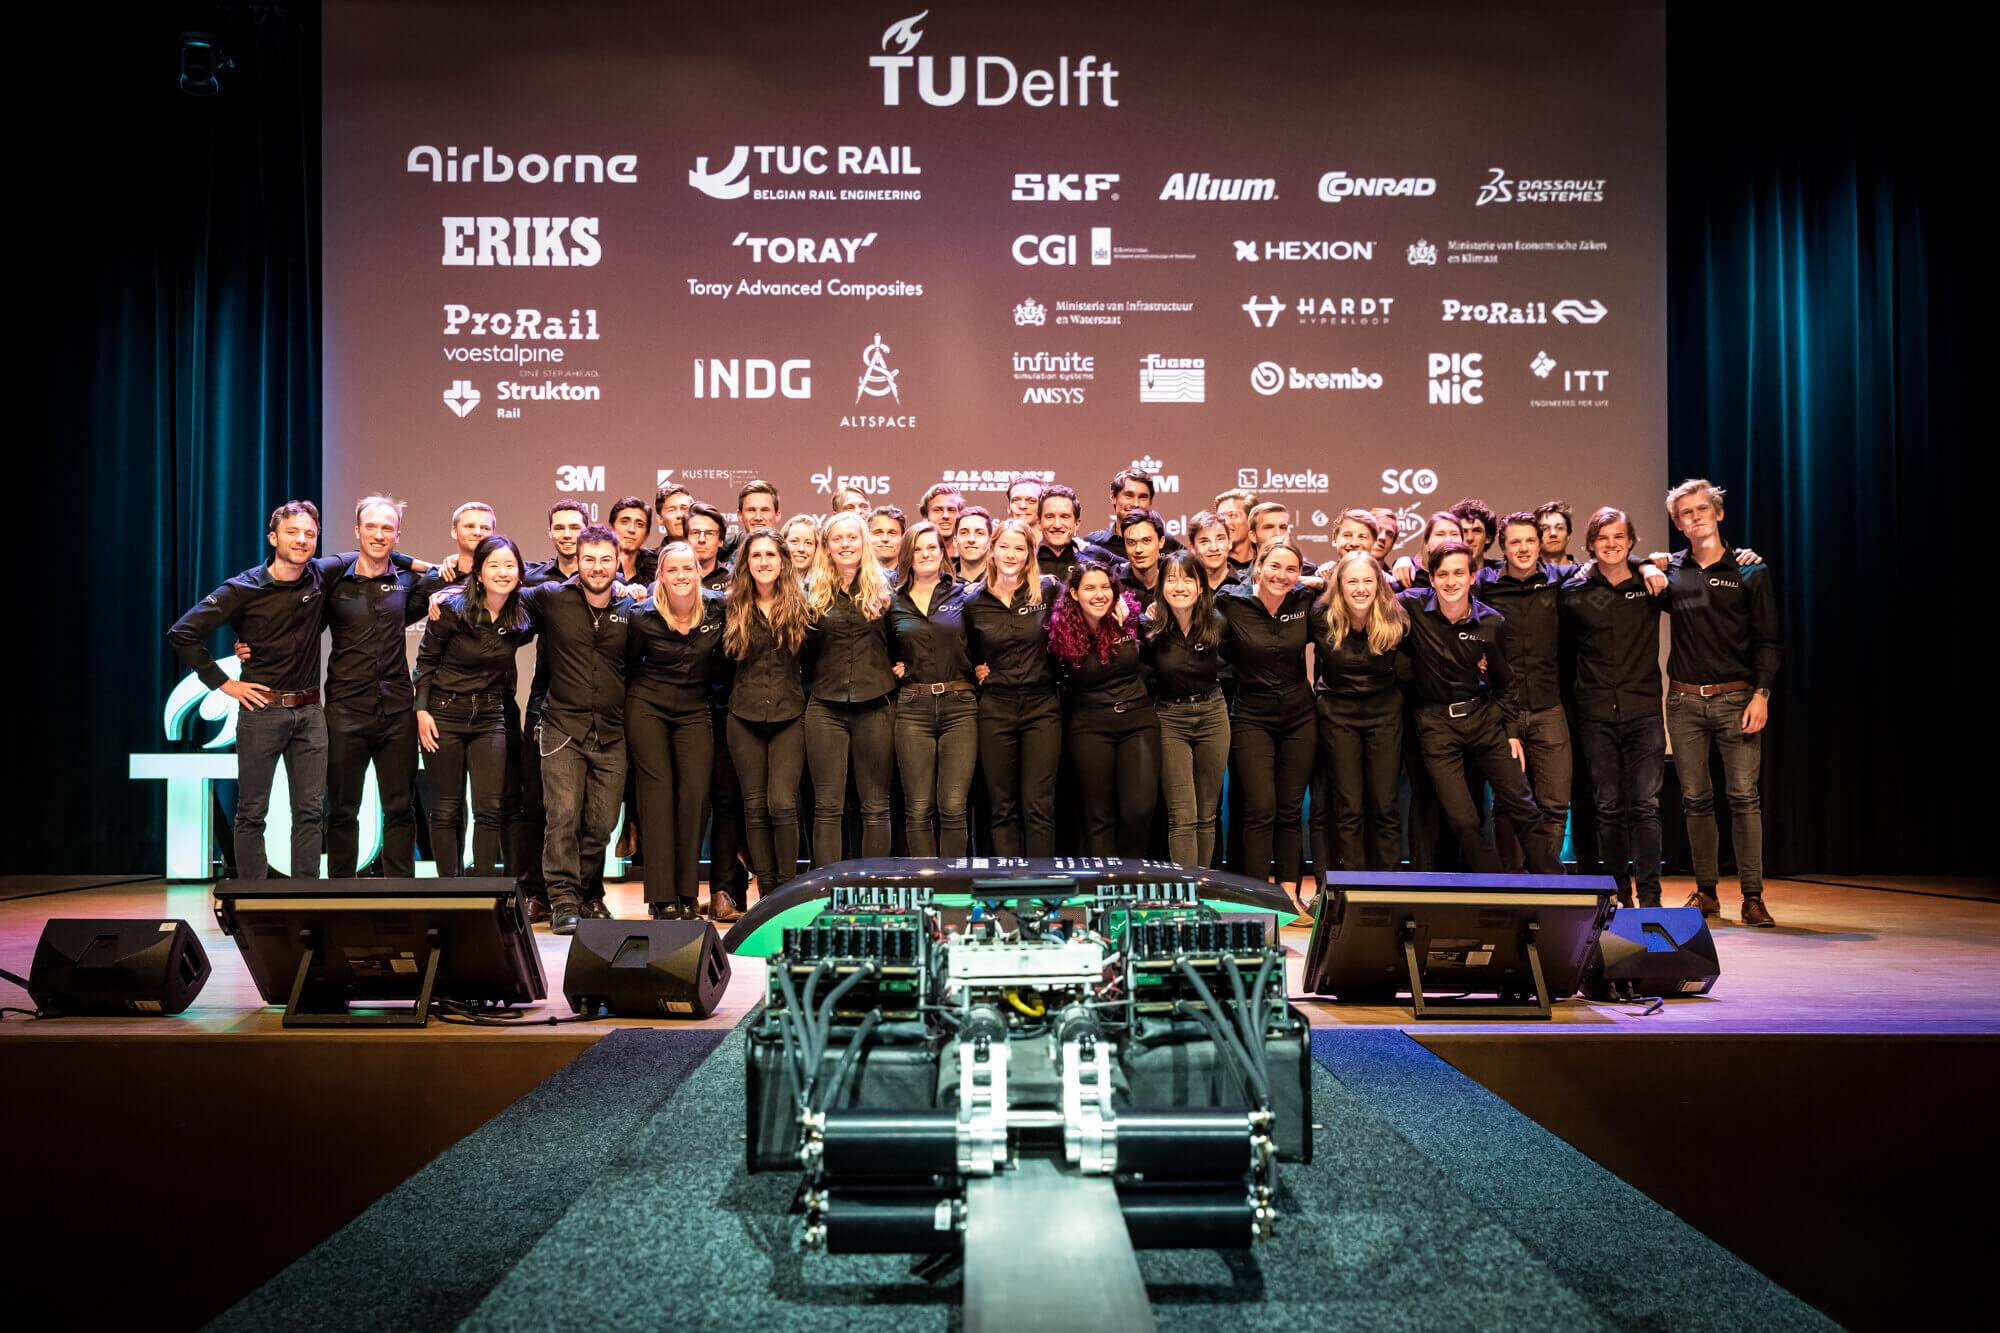 Delfts Studententeam Bouwt Aan Het Transport Van De Toekomst: De Hyperloop